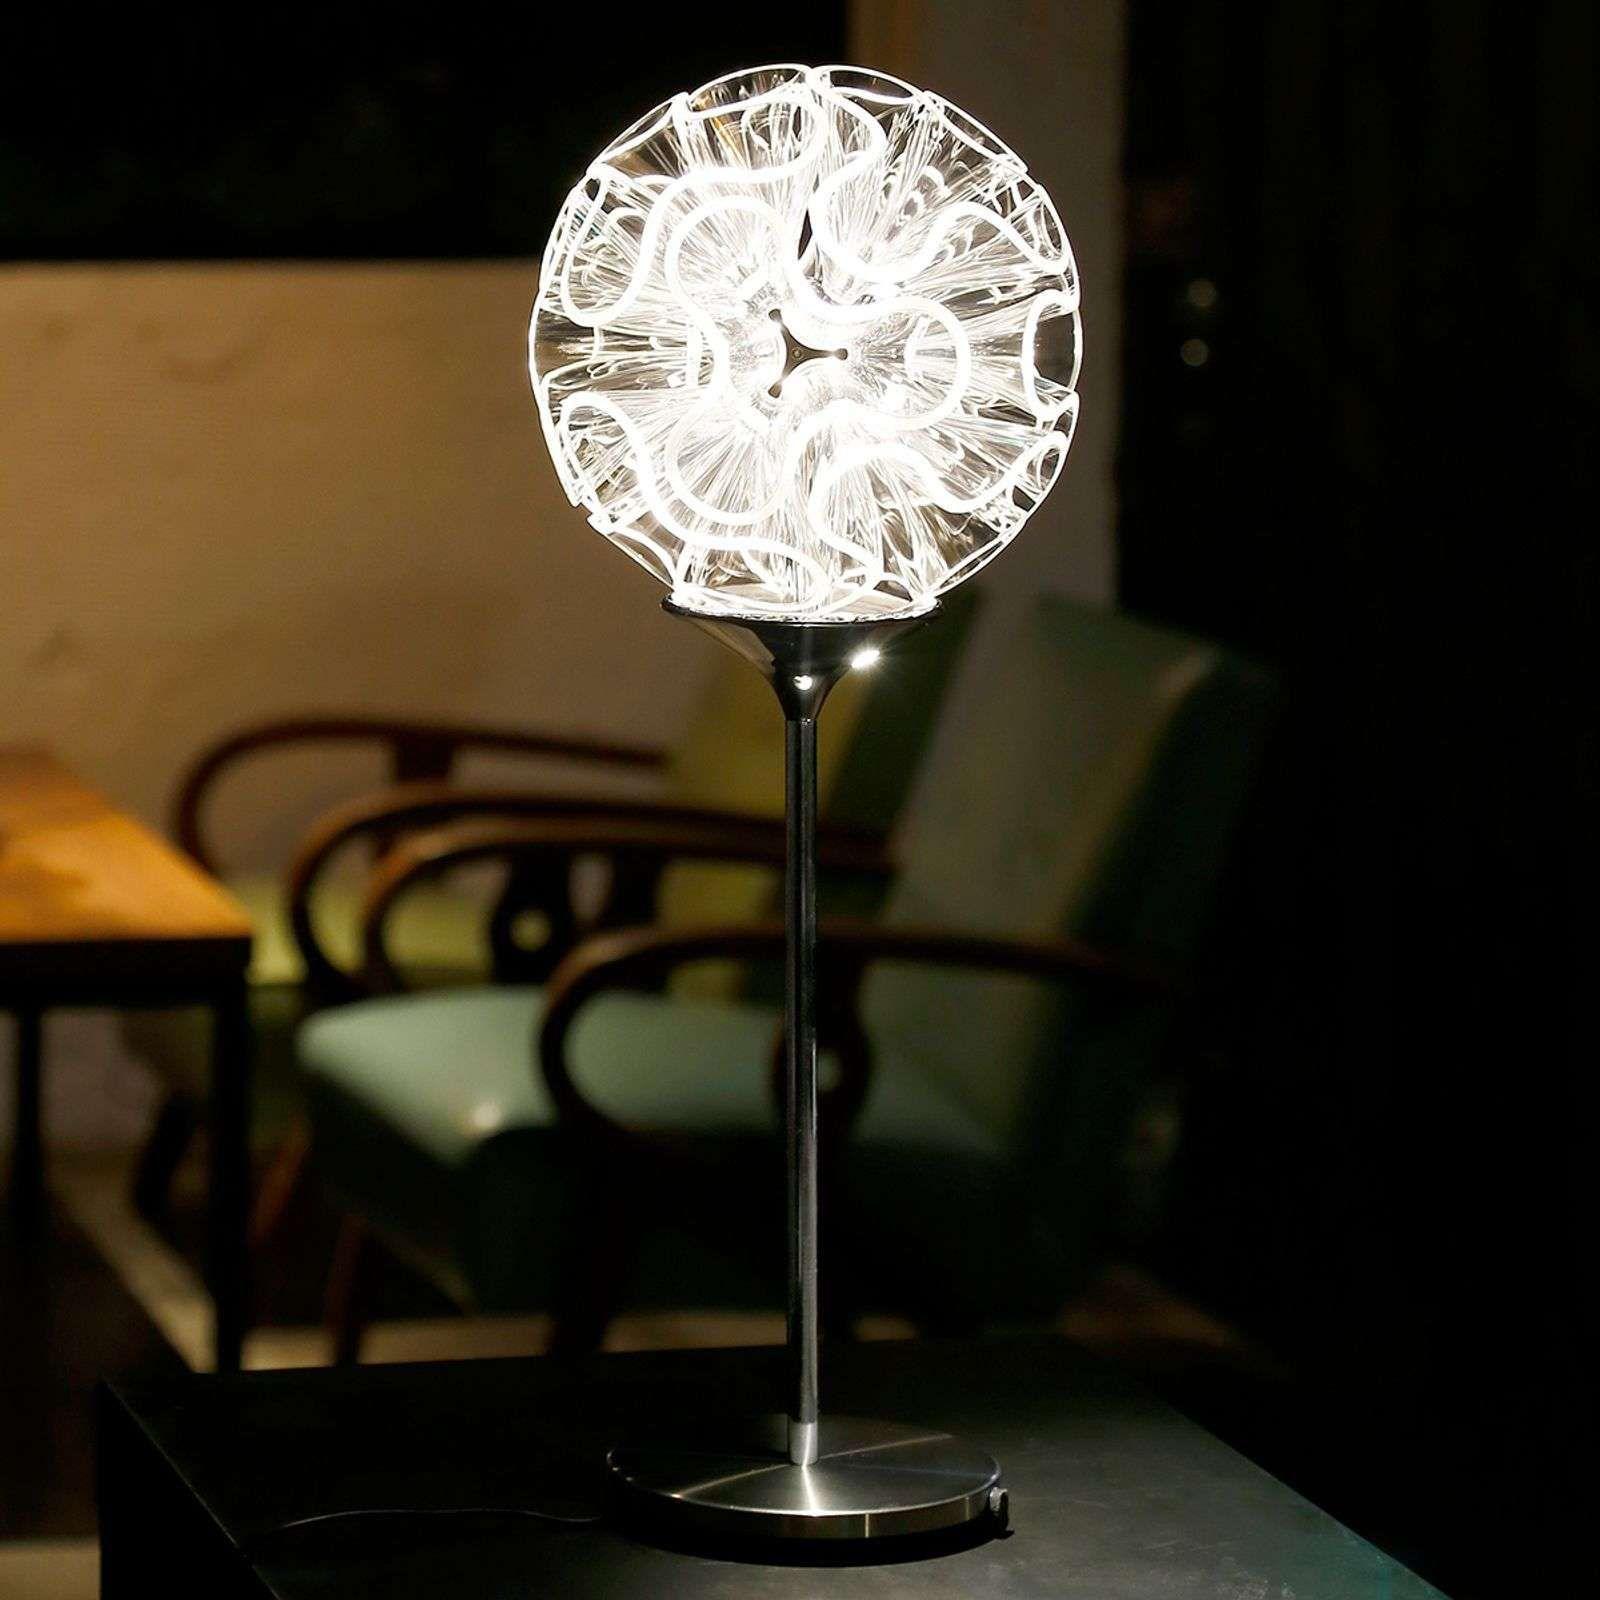 Lampe De Table Design Coral Avec Led Transparent De Qisdesign Lampe De Table Design Lampes De Table Et Led